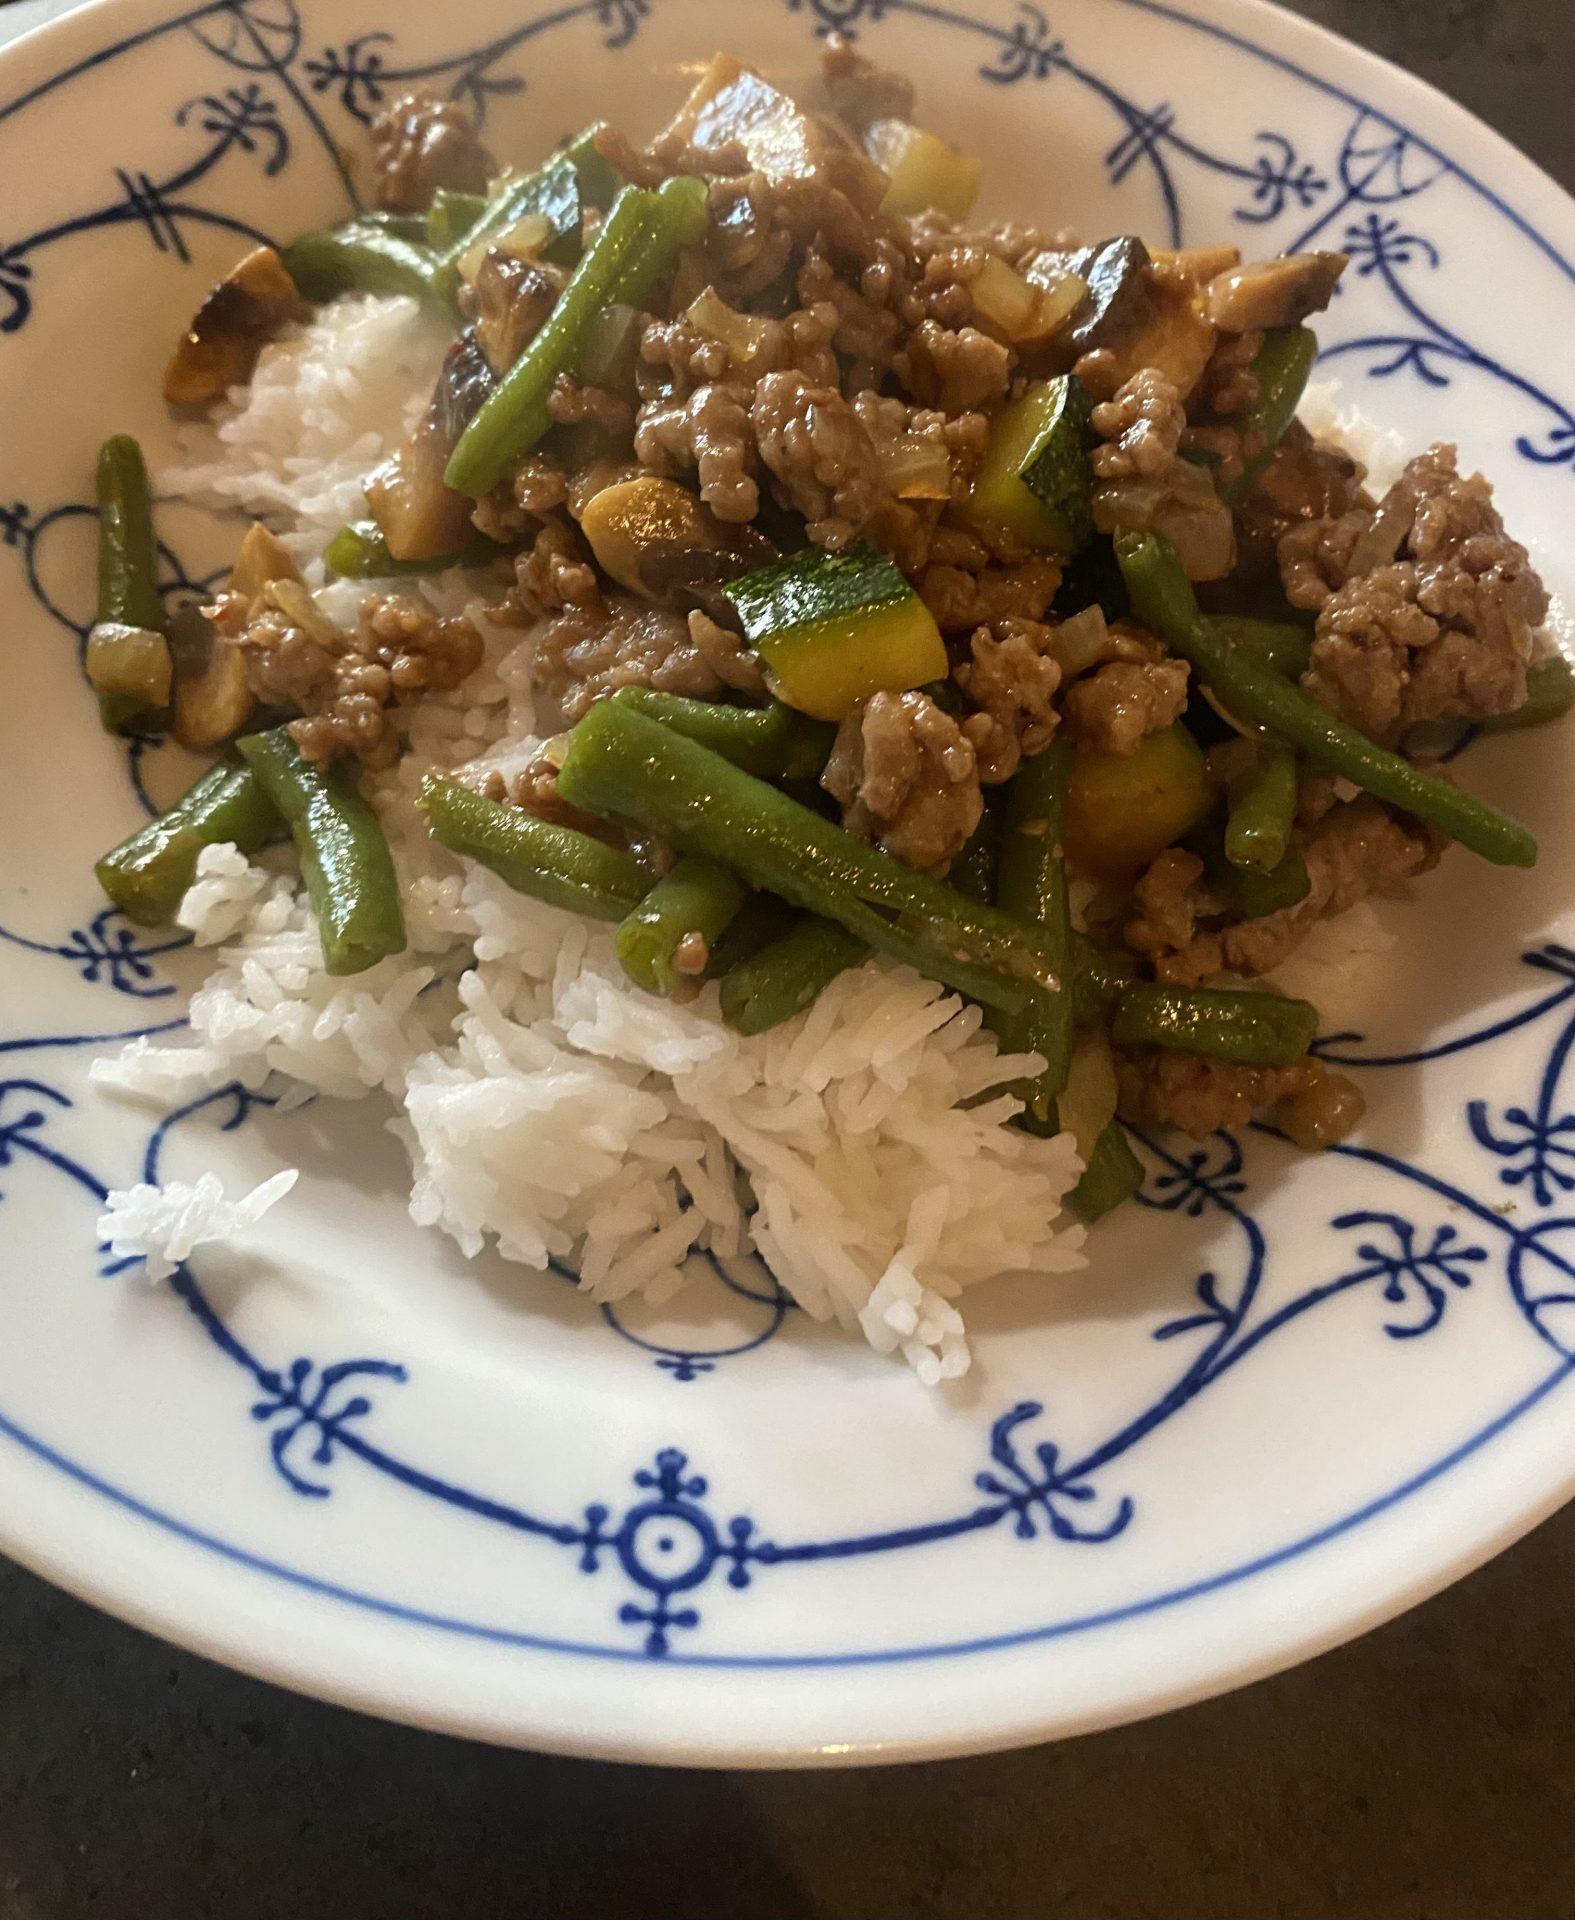 RECEPT: Rijst met gehakt en groenten